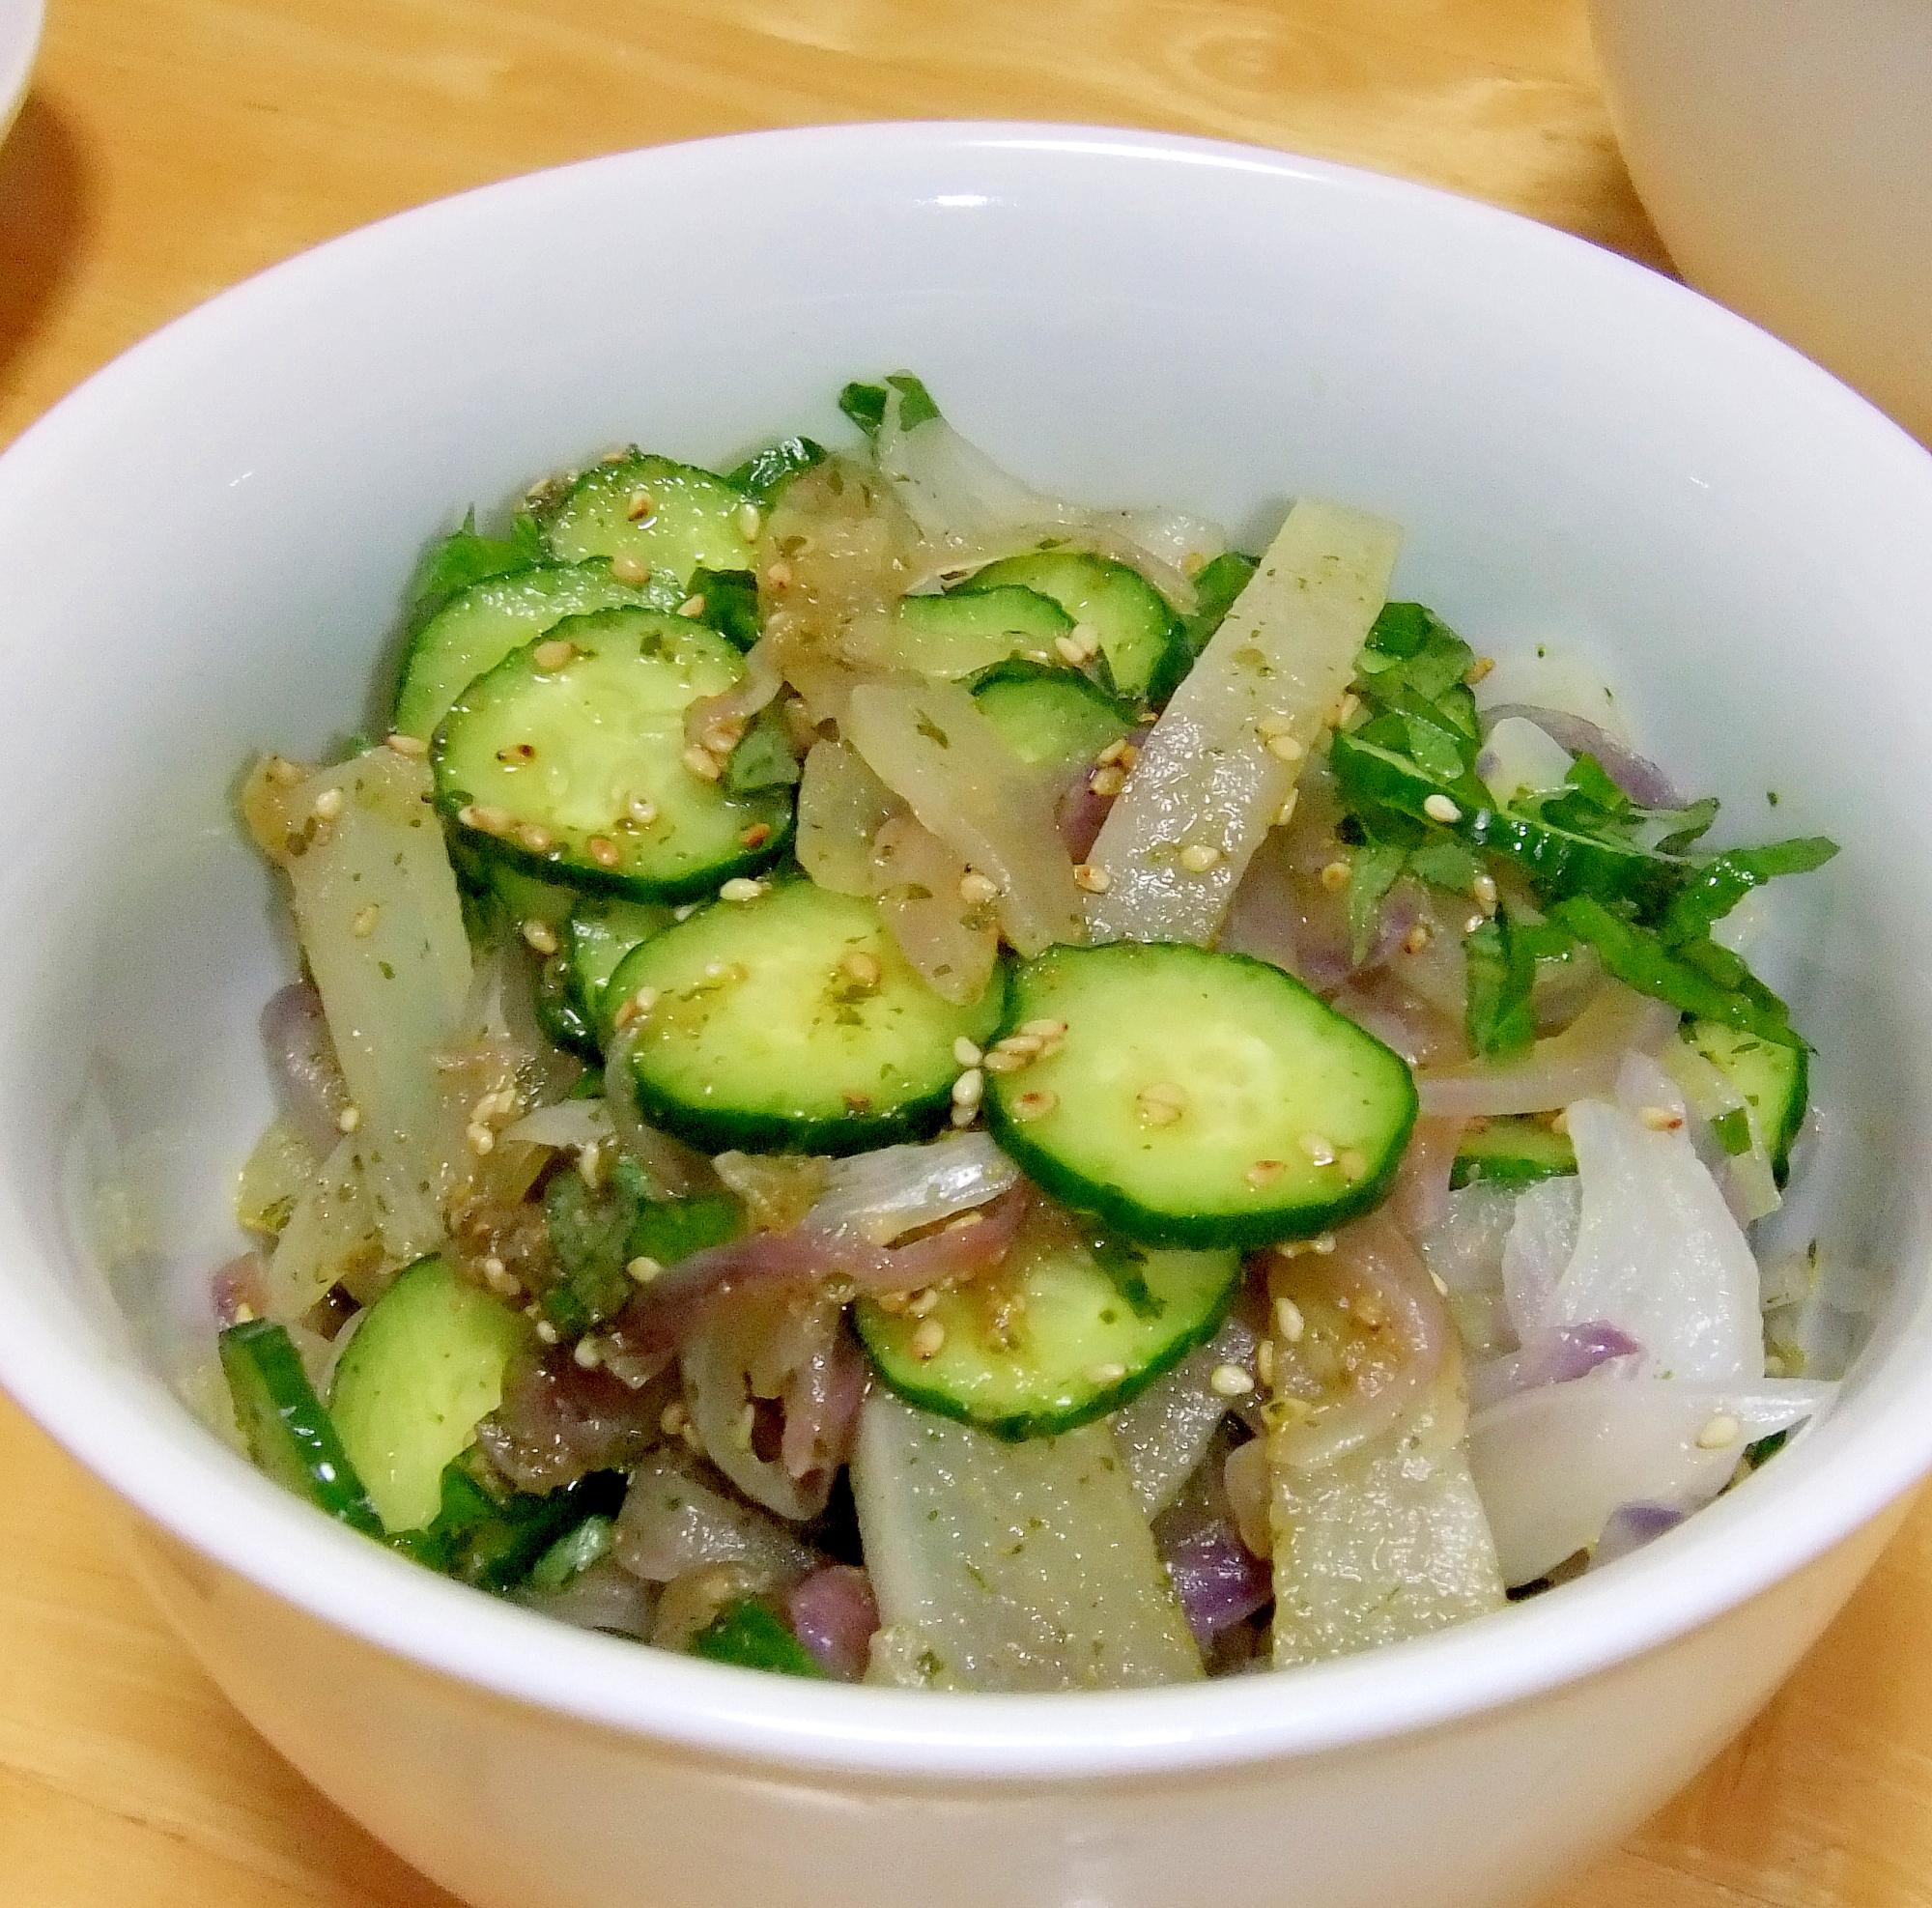 キュウリ・大根・タマネギのサラダ